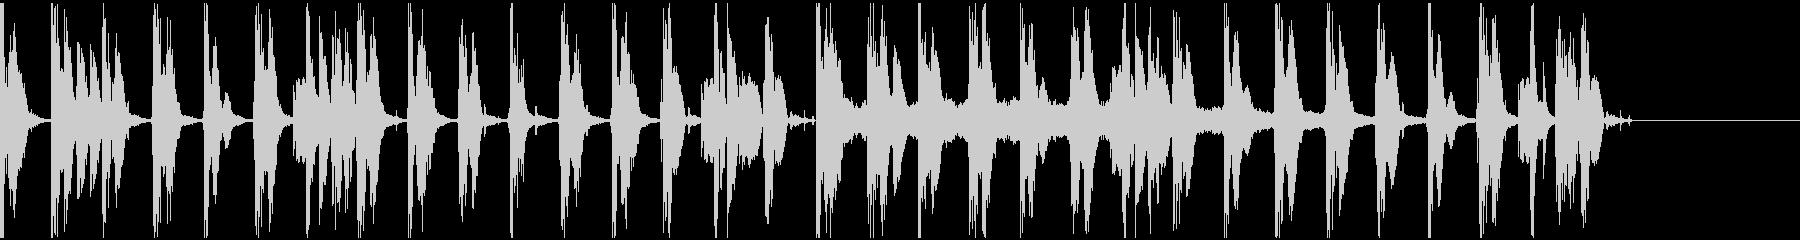 【エレクトロニカ】ロング5、ショート3の未再生の波形